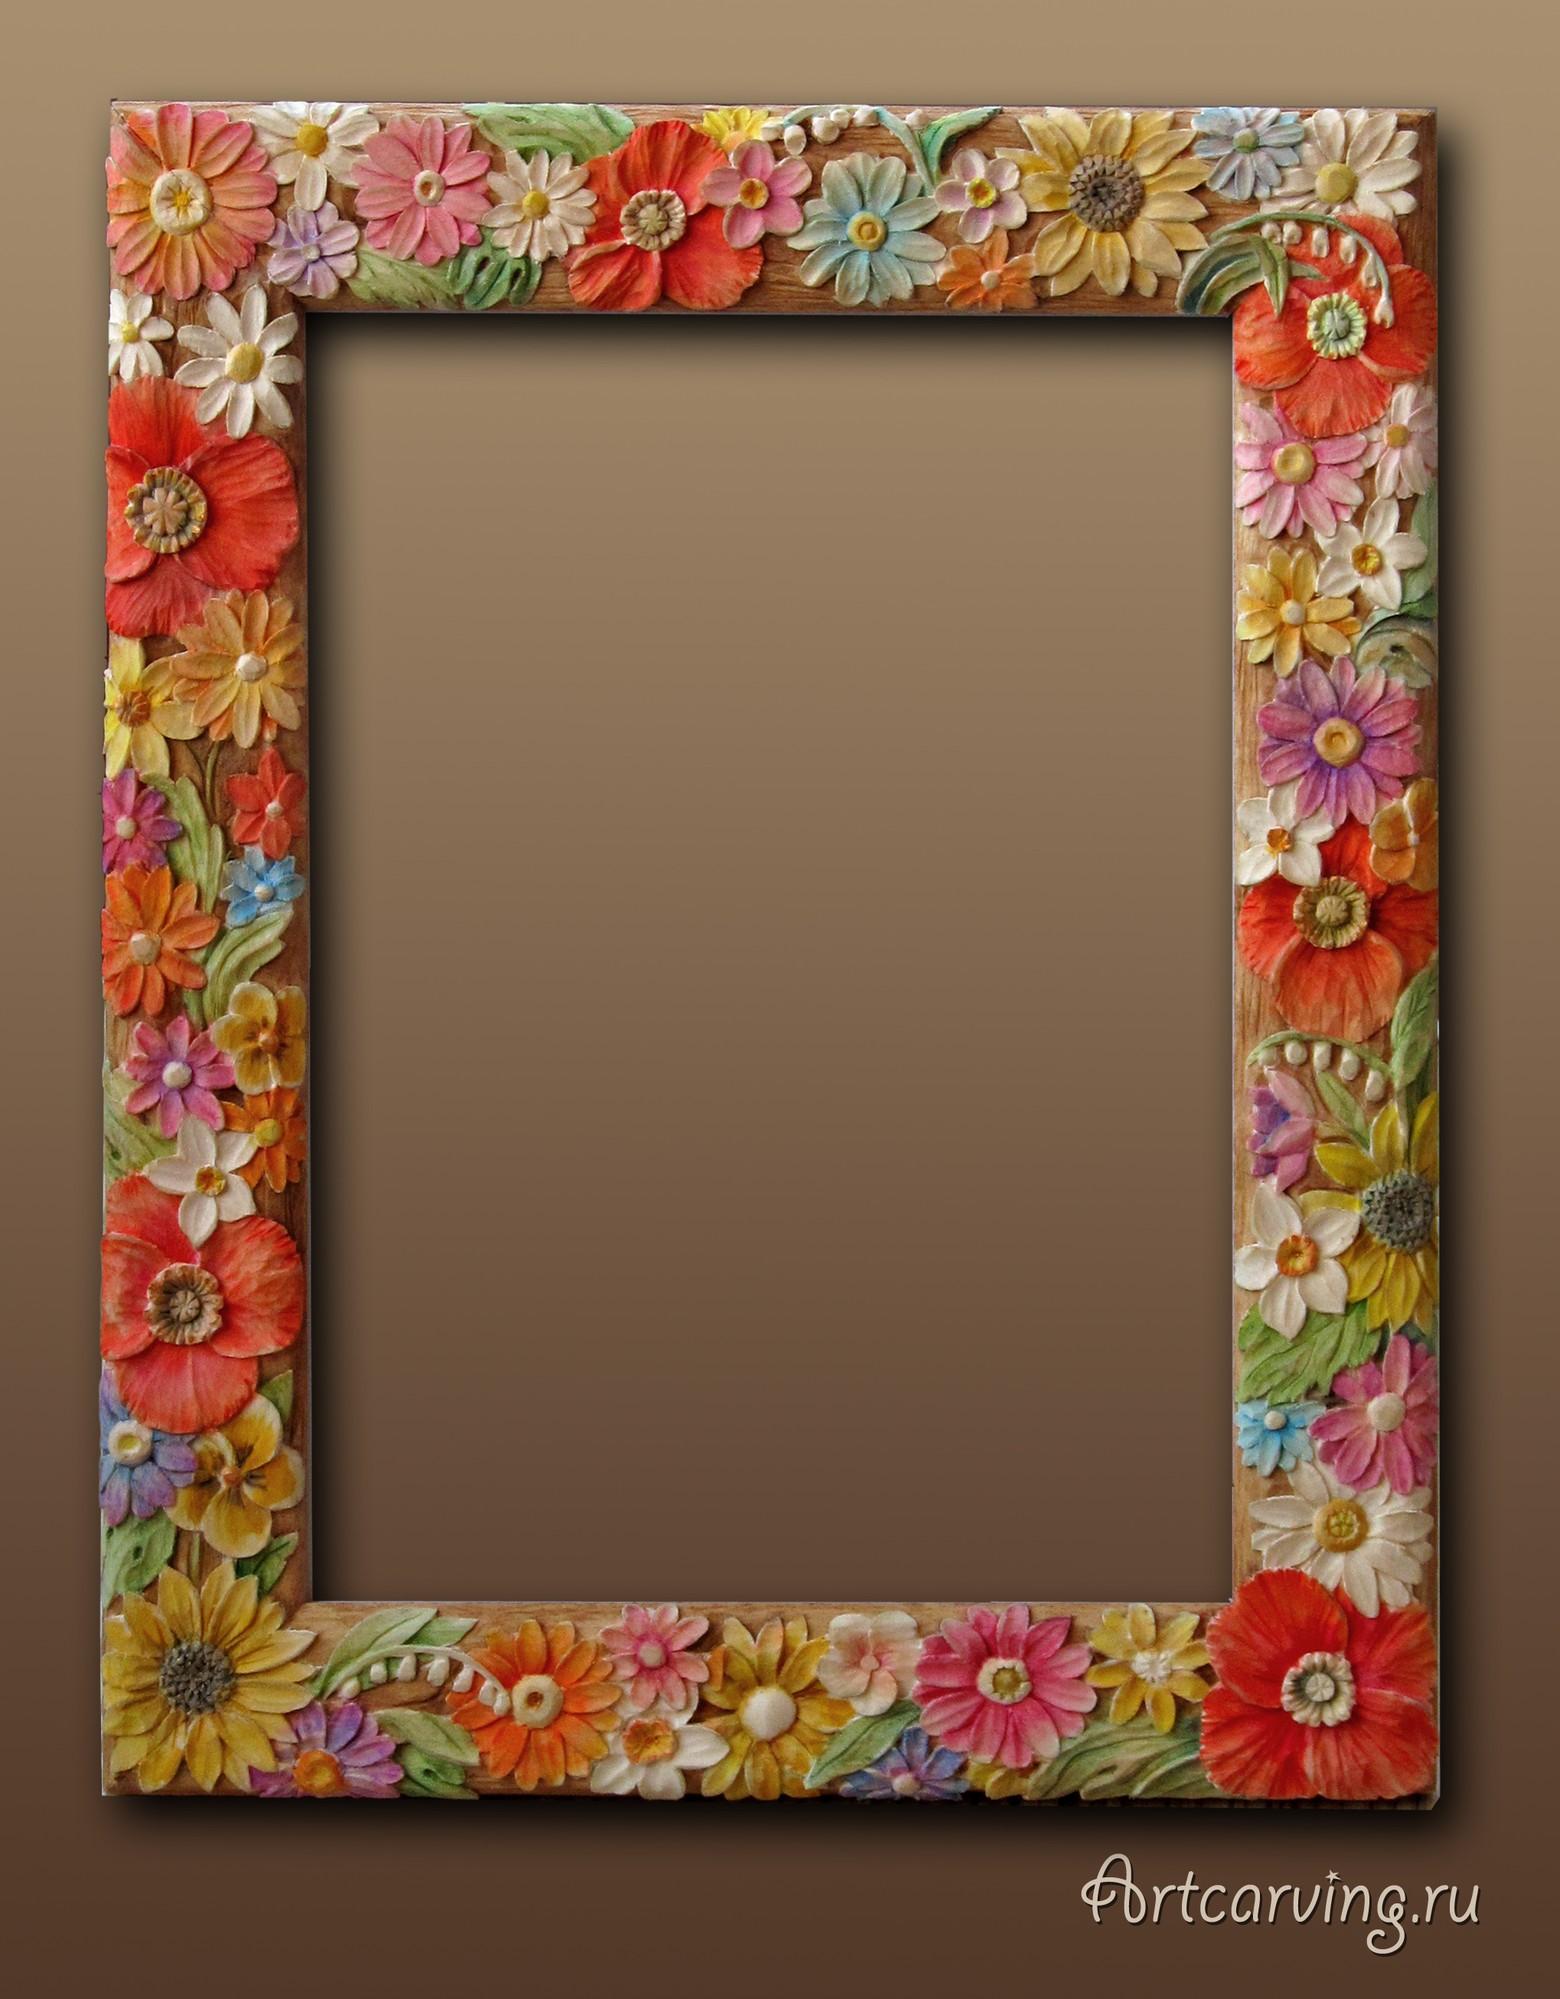 Рамки для своими руками с цветами